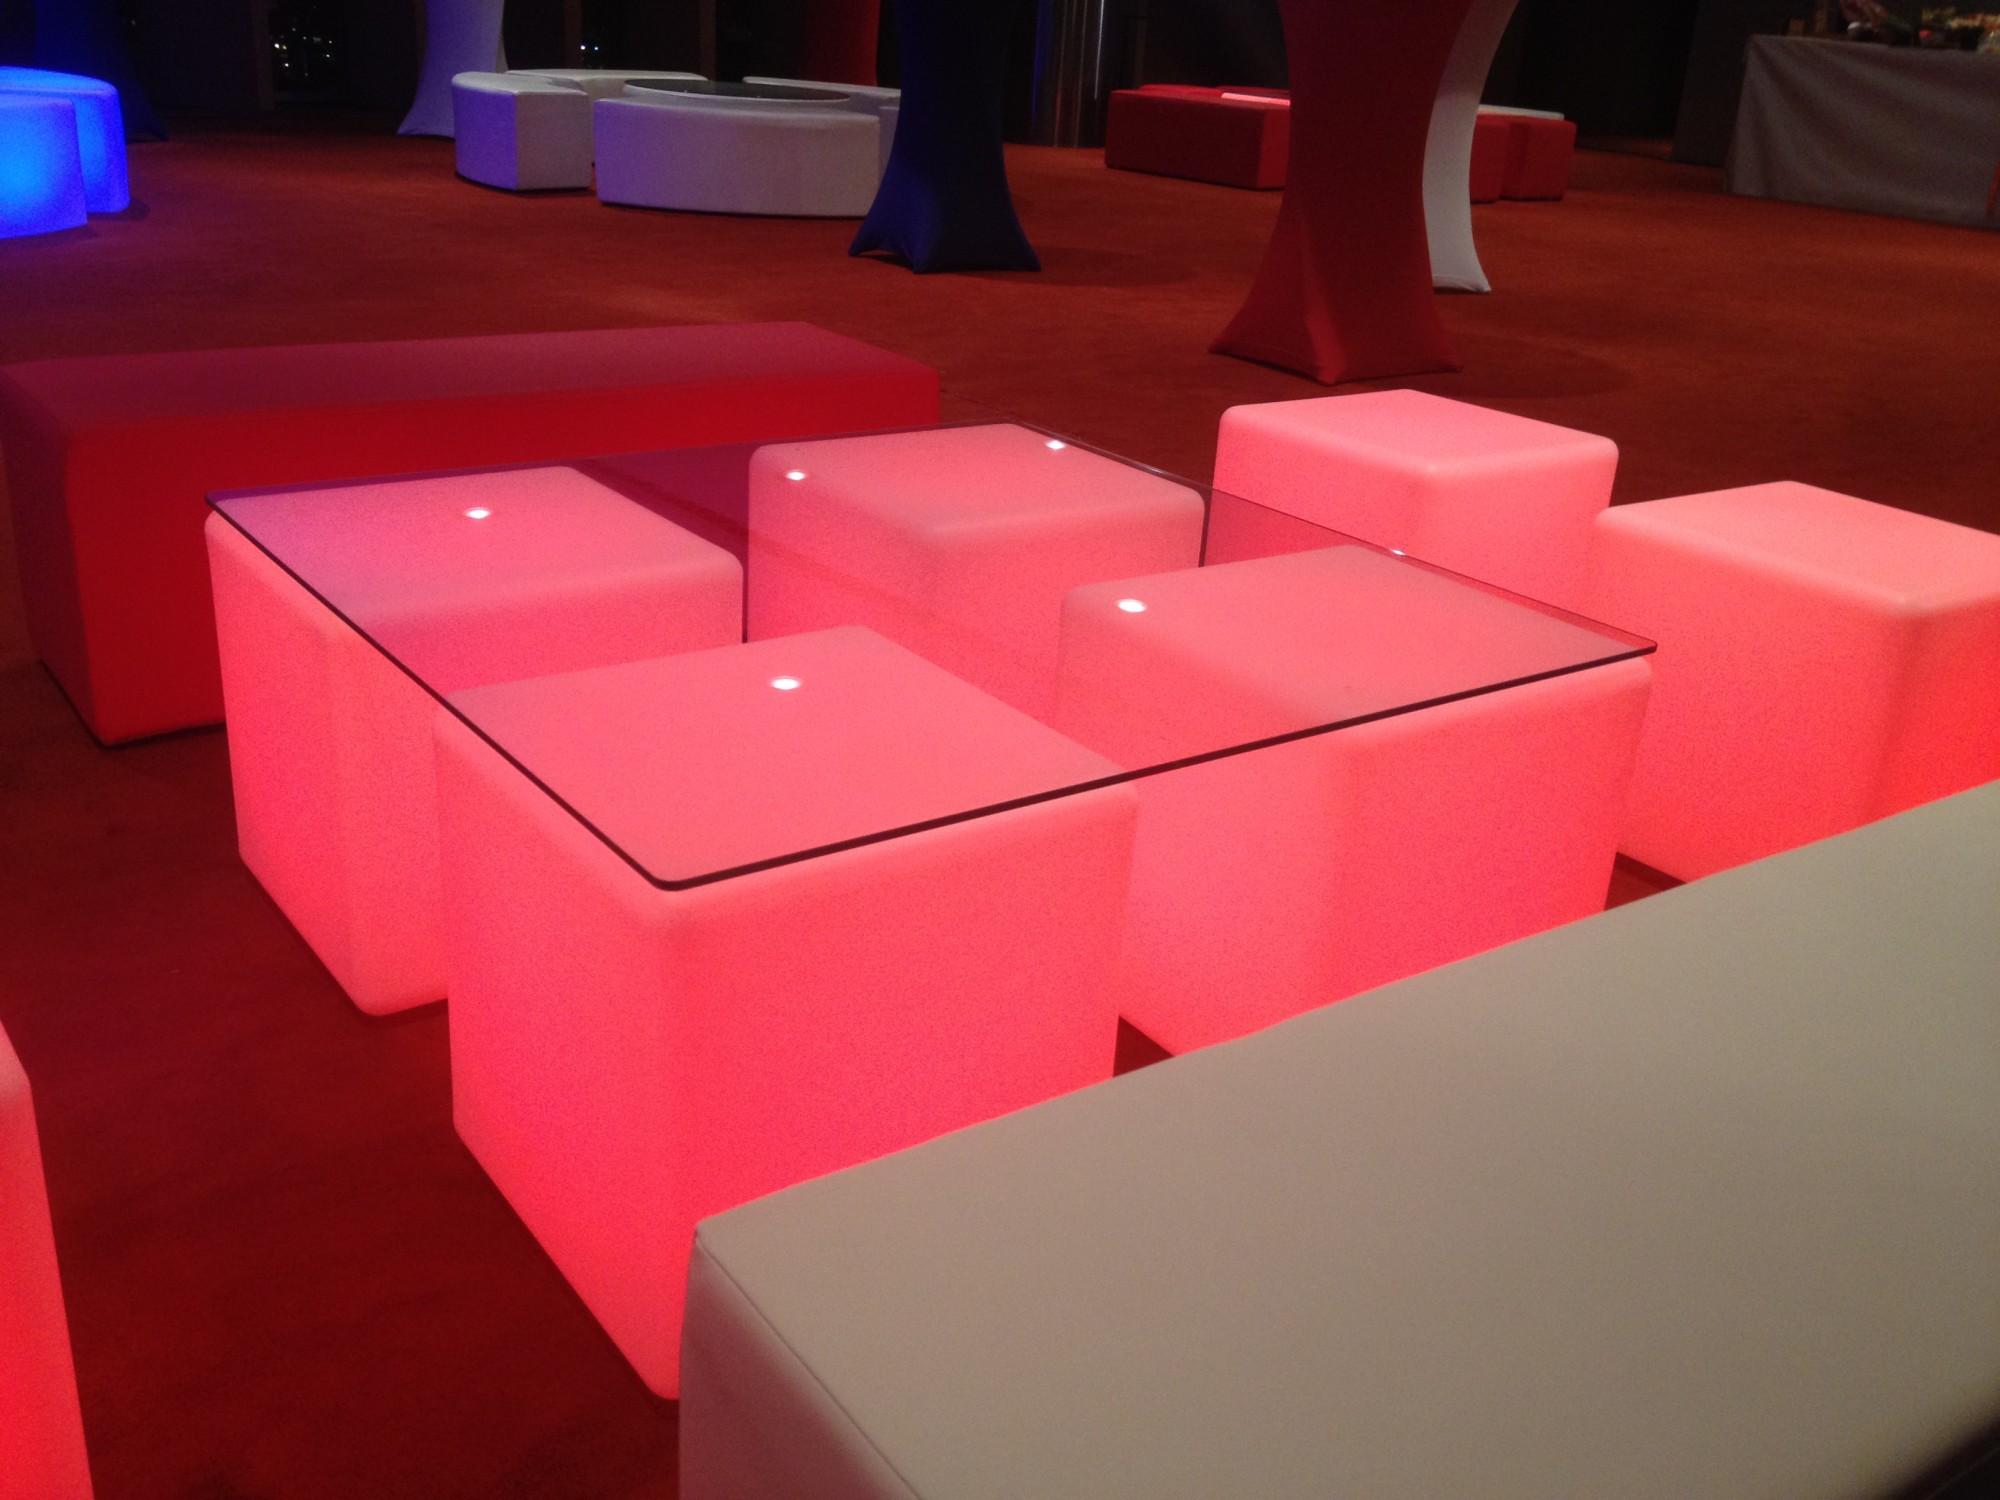 Cube Lumineux Extérieur Dice IpLed Rgb Blanc Cm U2013 Table Basse Lumineuse  Sans Fil Extérieure Engendre Une Ambiance Colorée Du0027une Multitude Du0027effets .